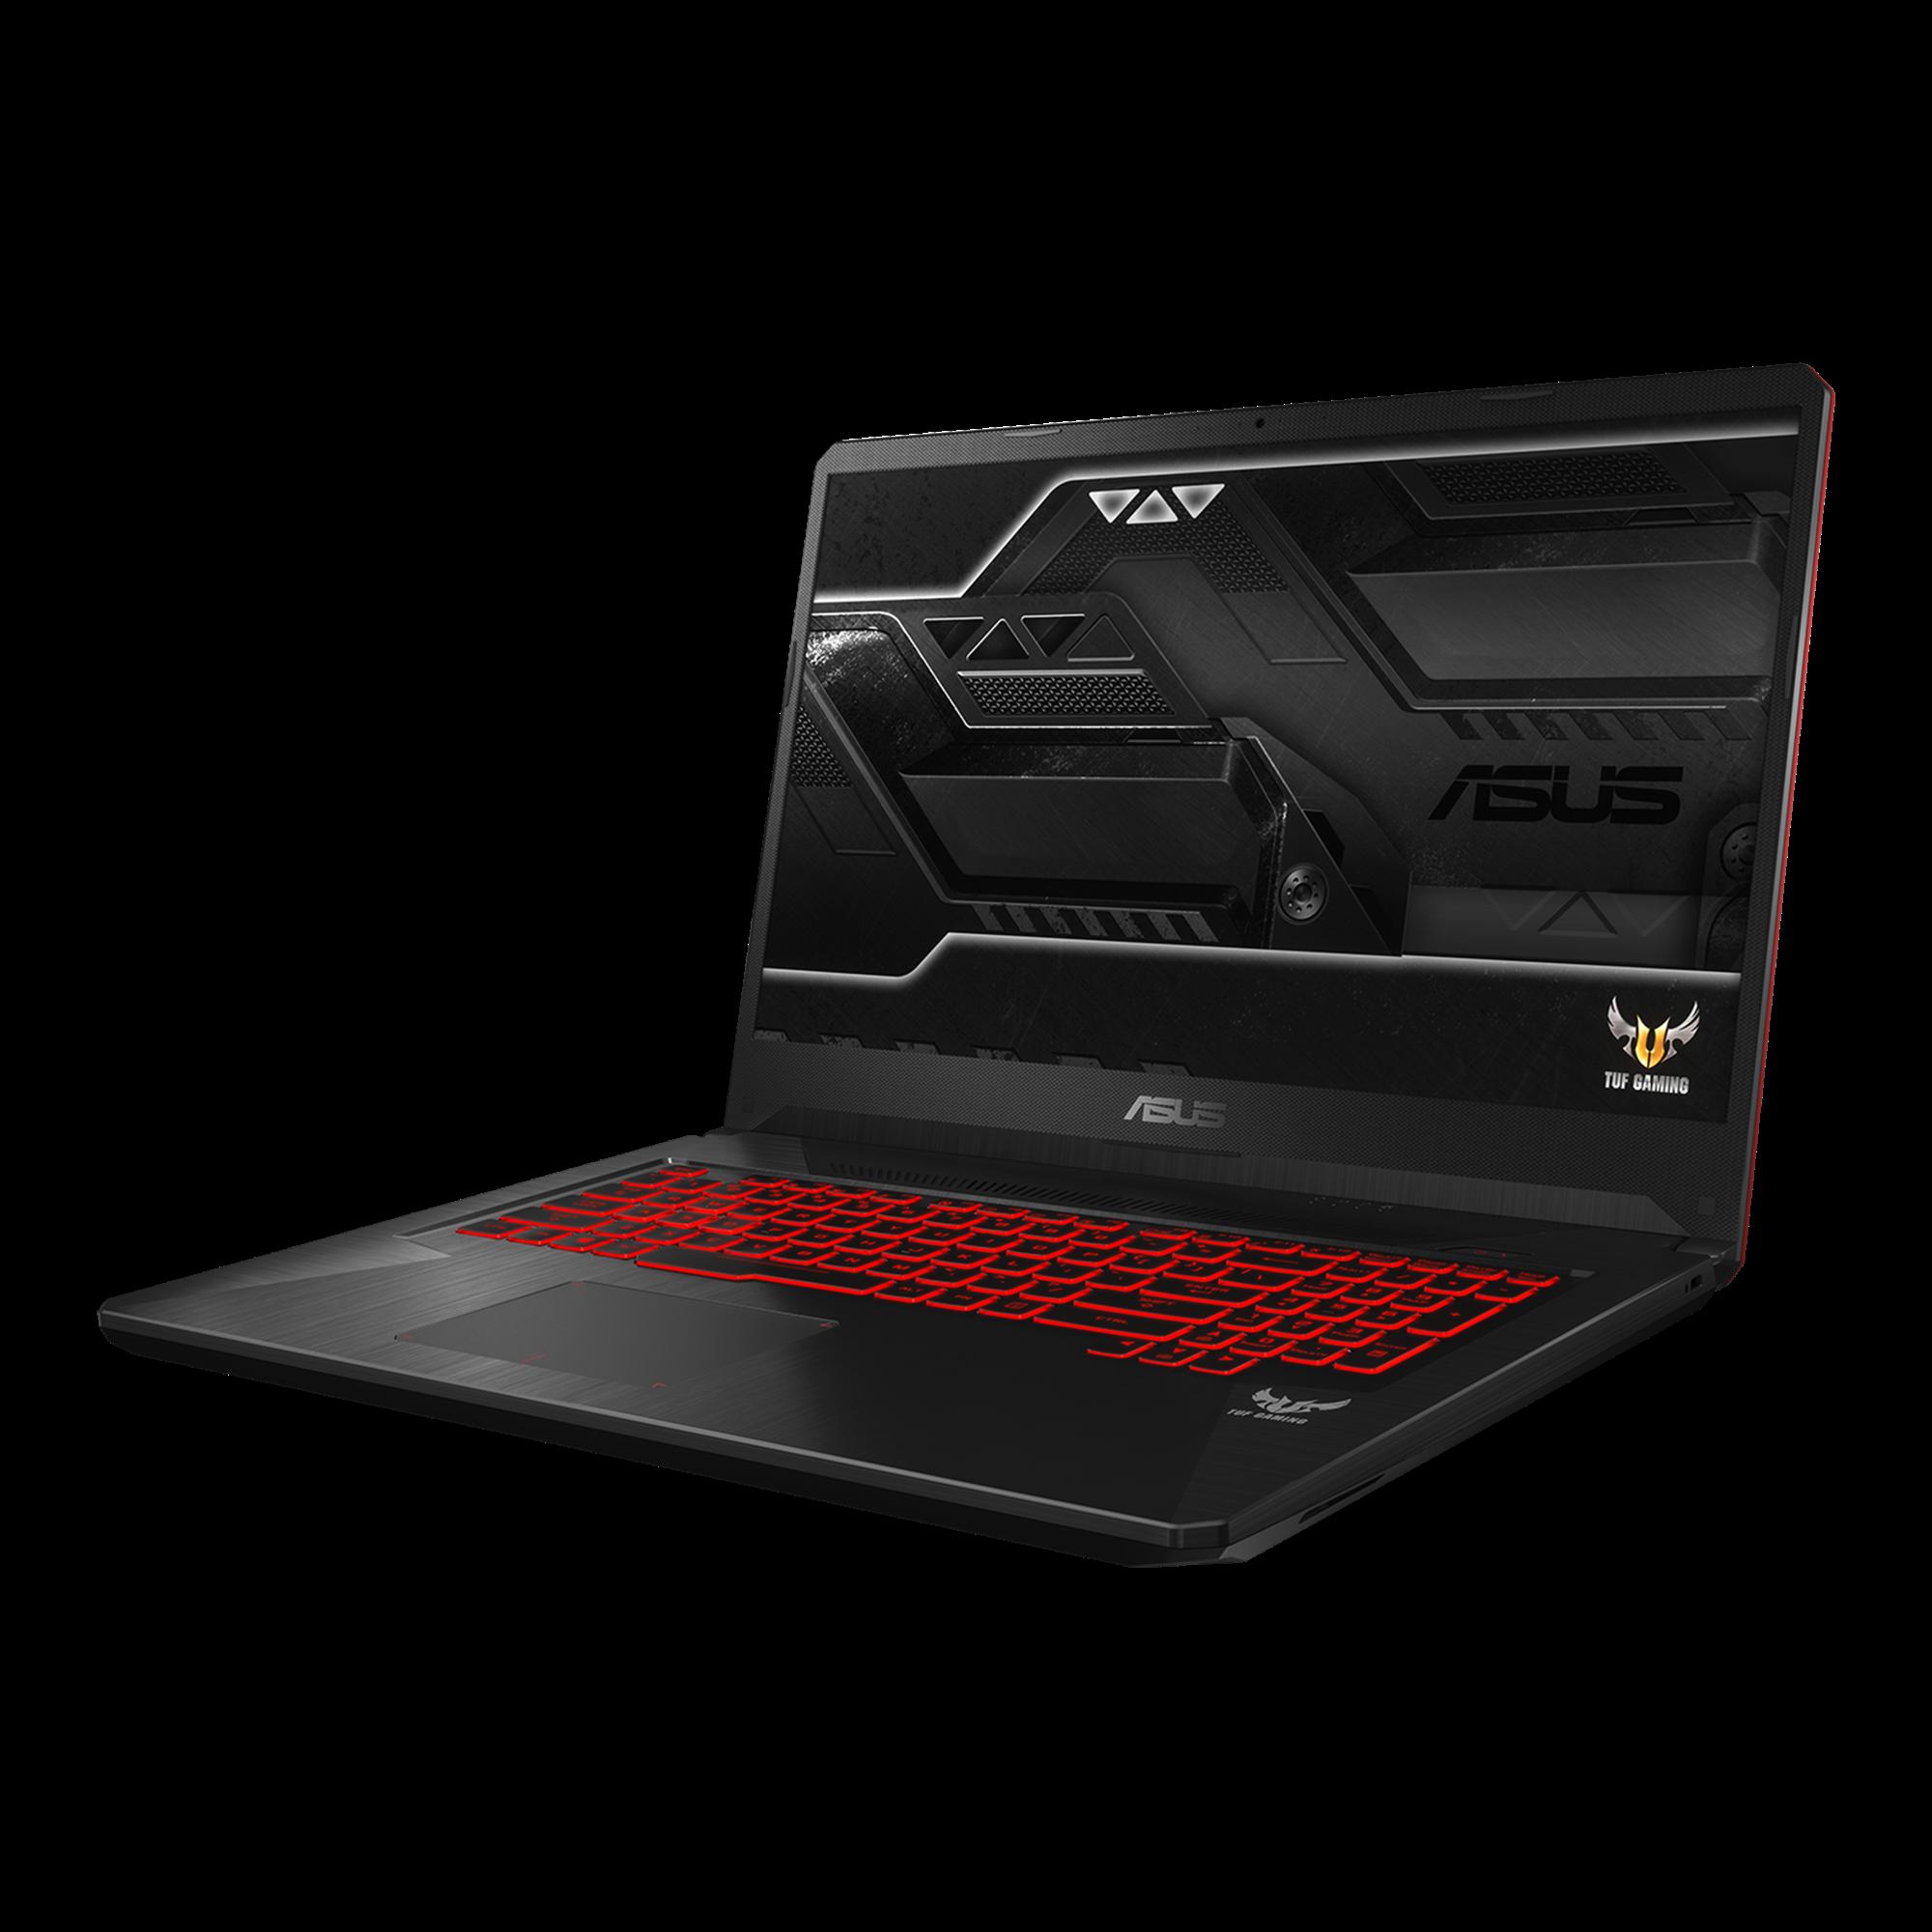 Asus Tuf Gaming Fx705 Laptops For Gaming Asus Usa